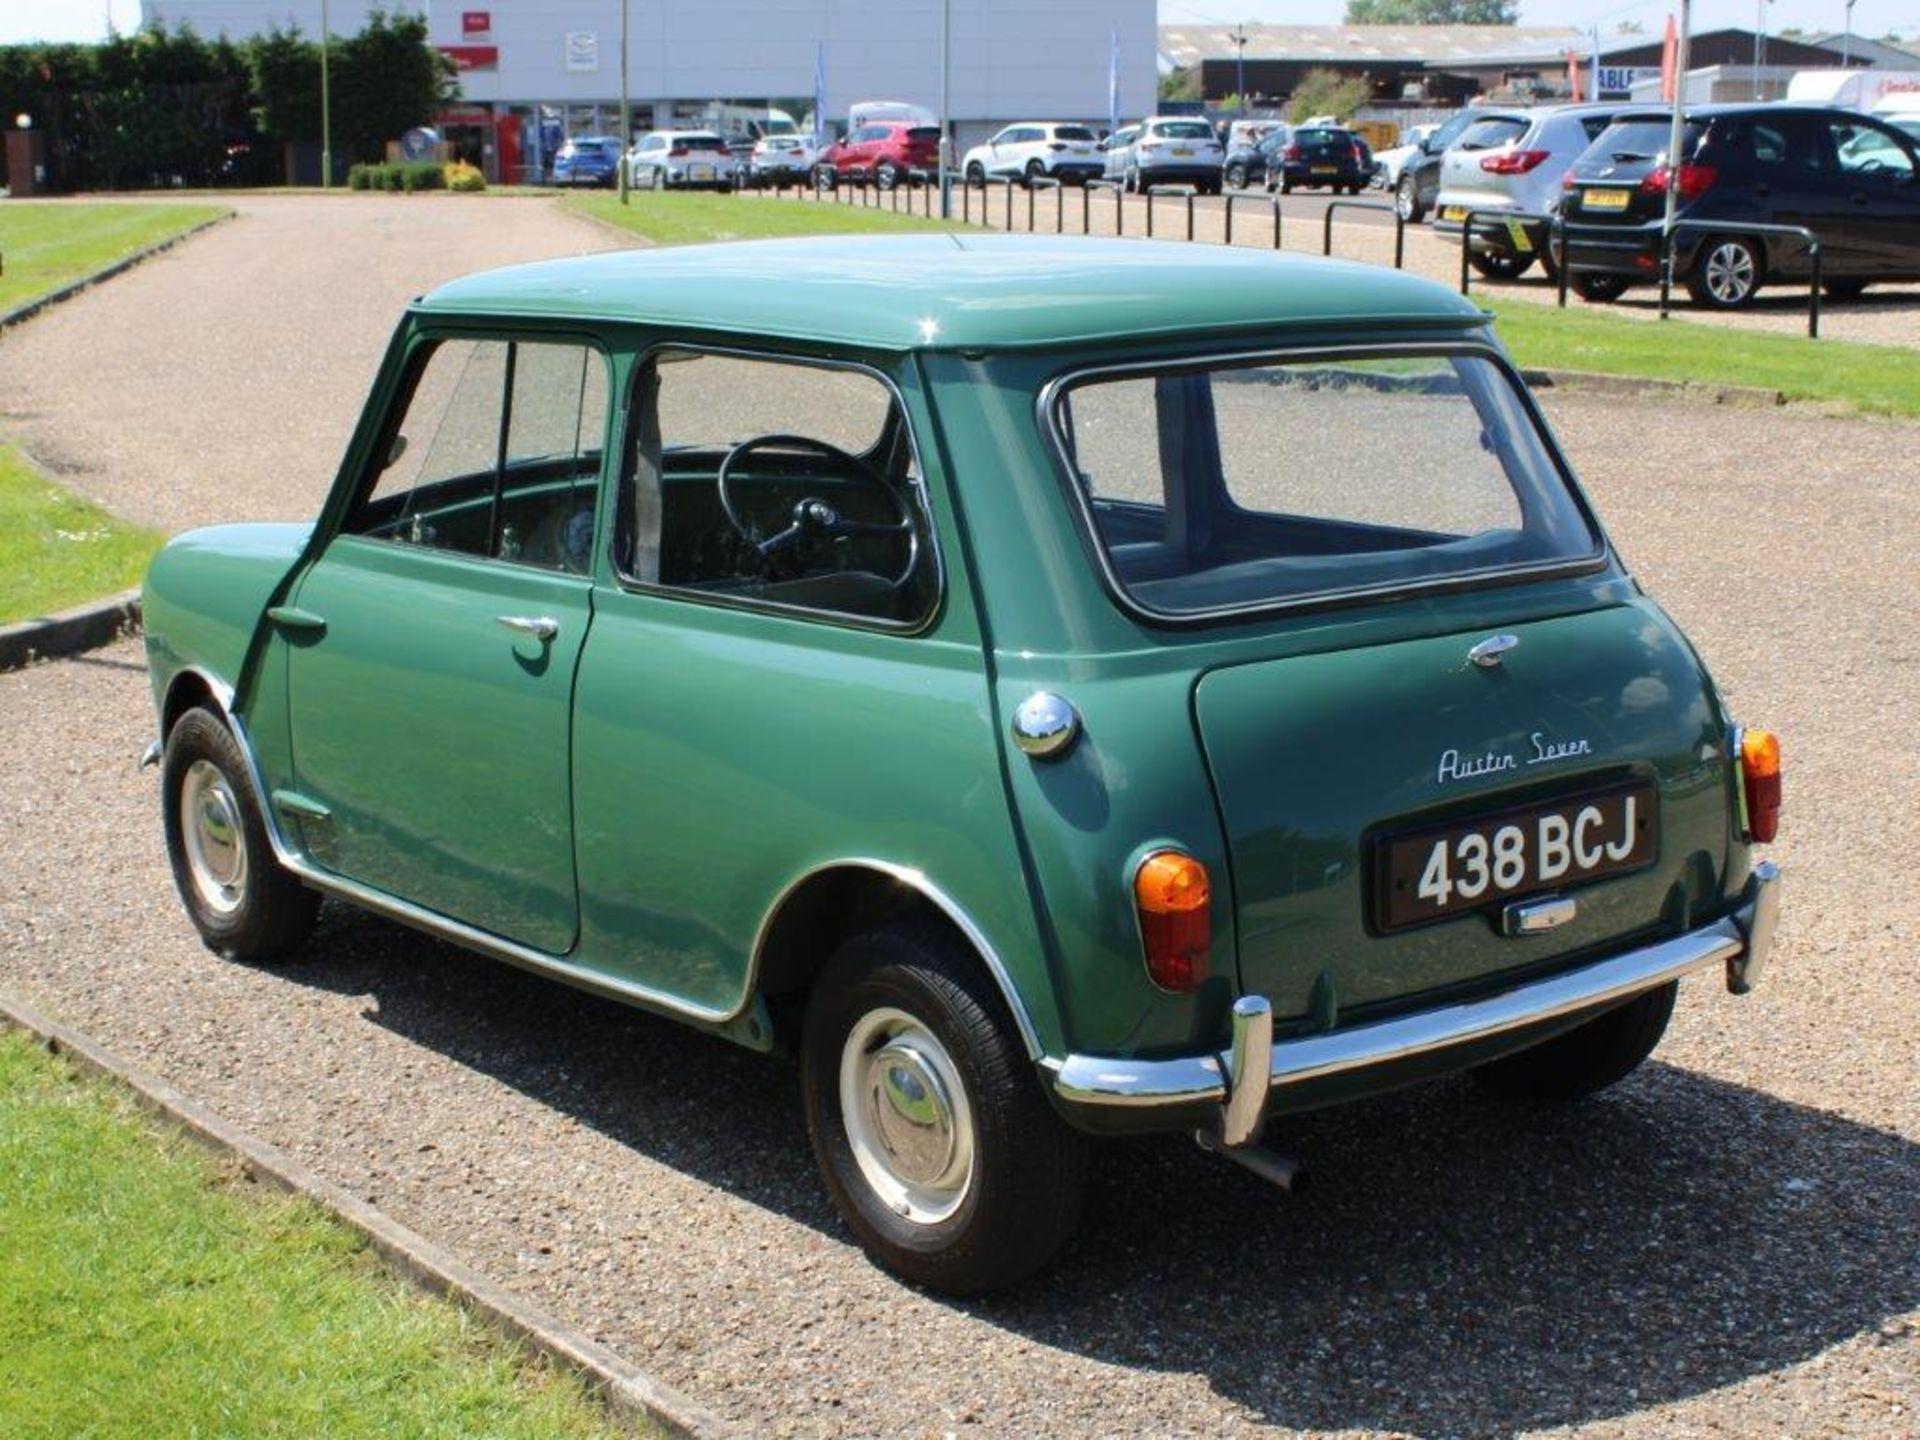 1962 Austin Mini 850 MK I - Image 4 of 28